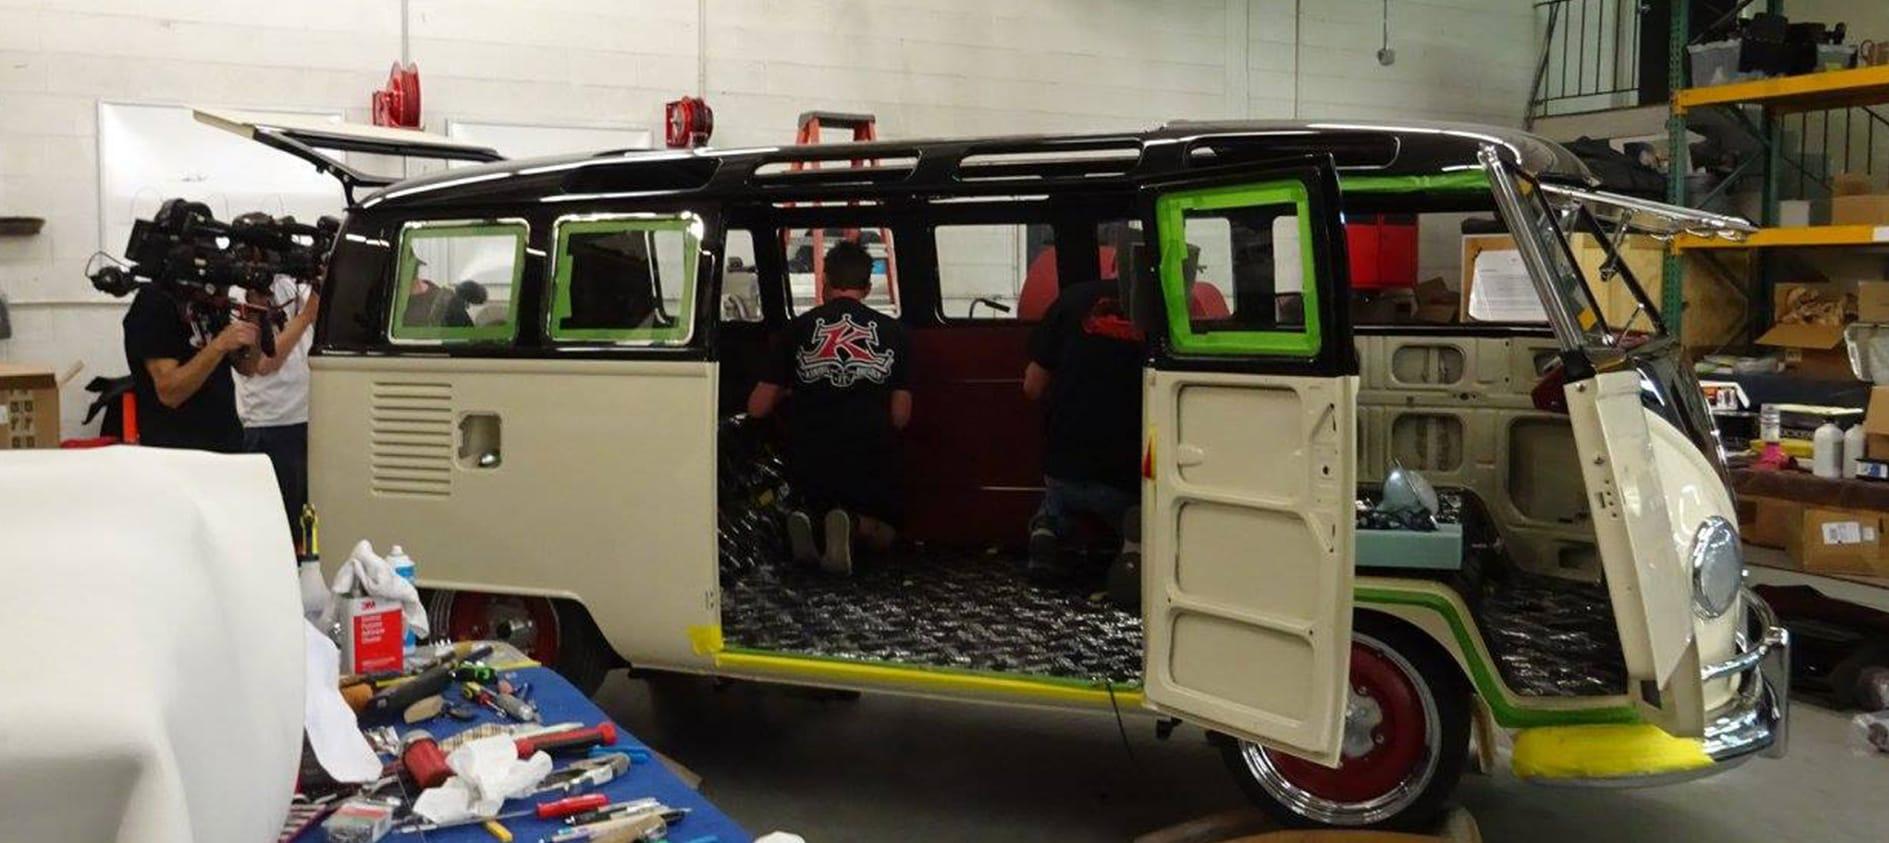 Bus Custom Interiors Custom Vw Bus Interior Sewfine Interior Products